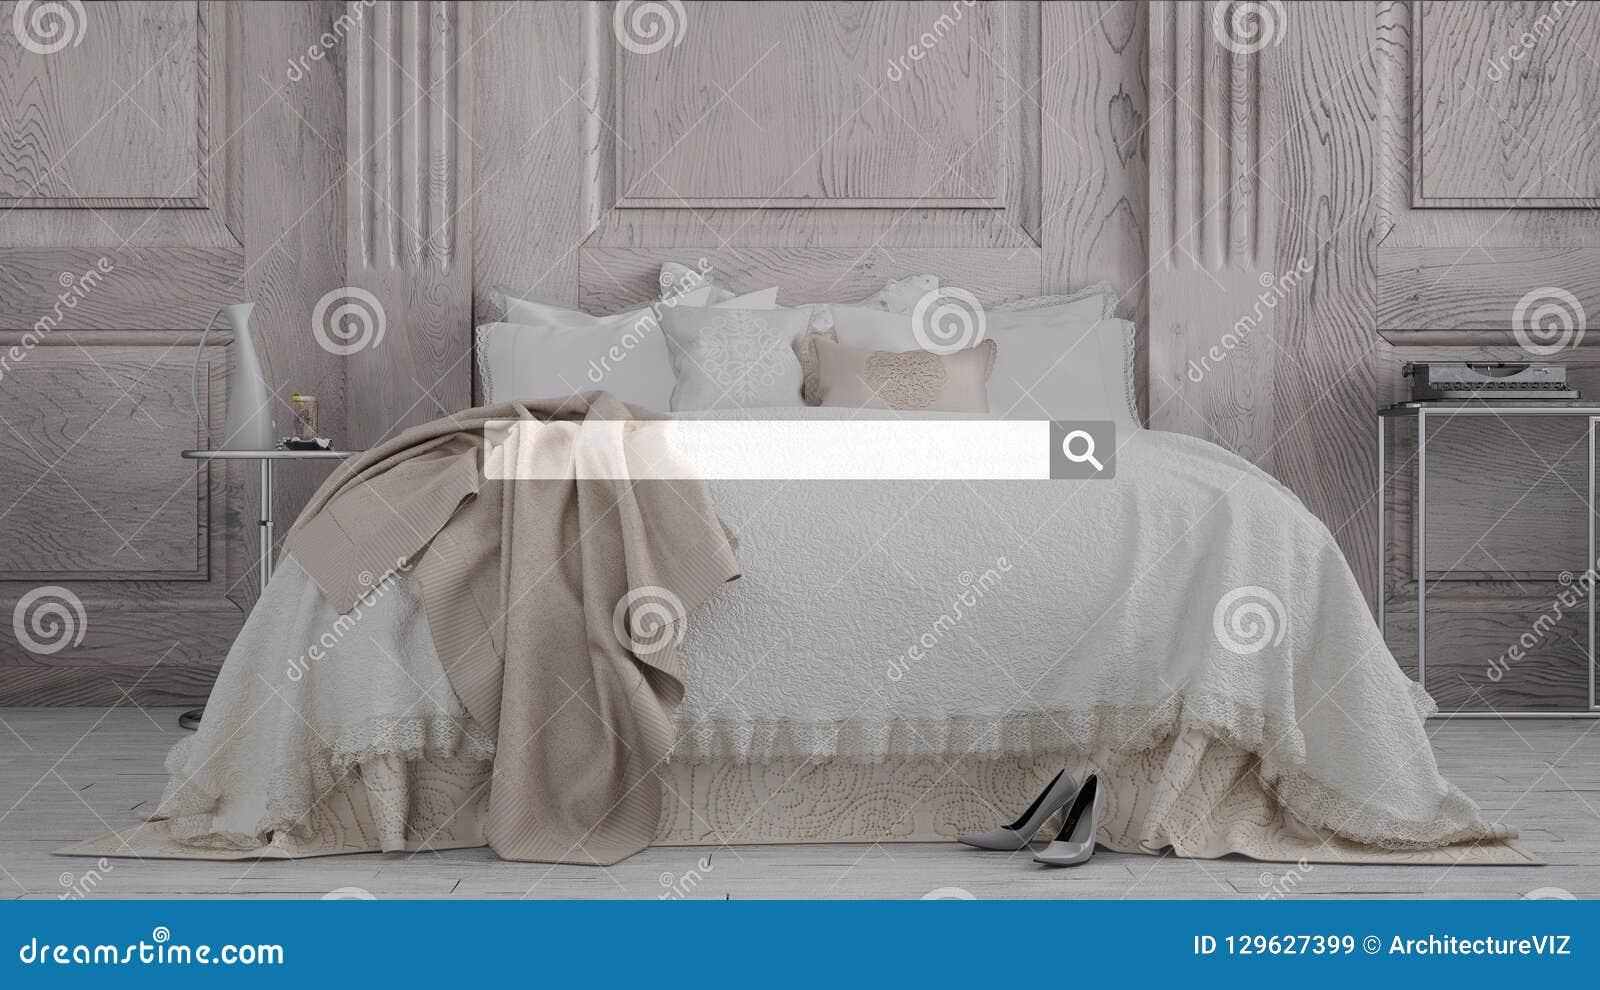 Sökande som bläddrar, information om internetdata, över klassiskt sovrum med dubbel mjuk säng